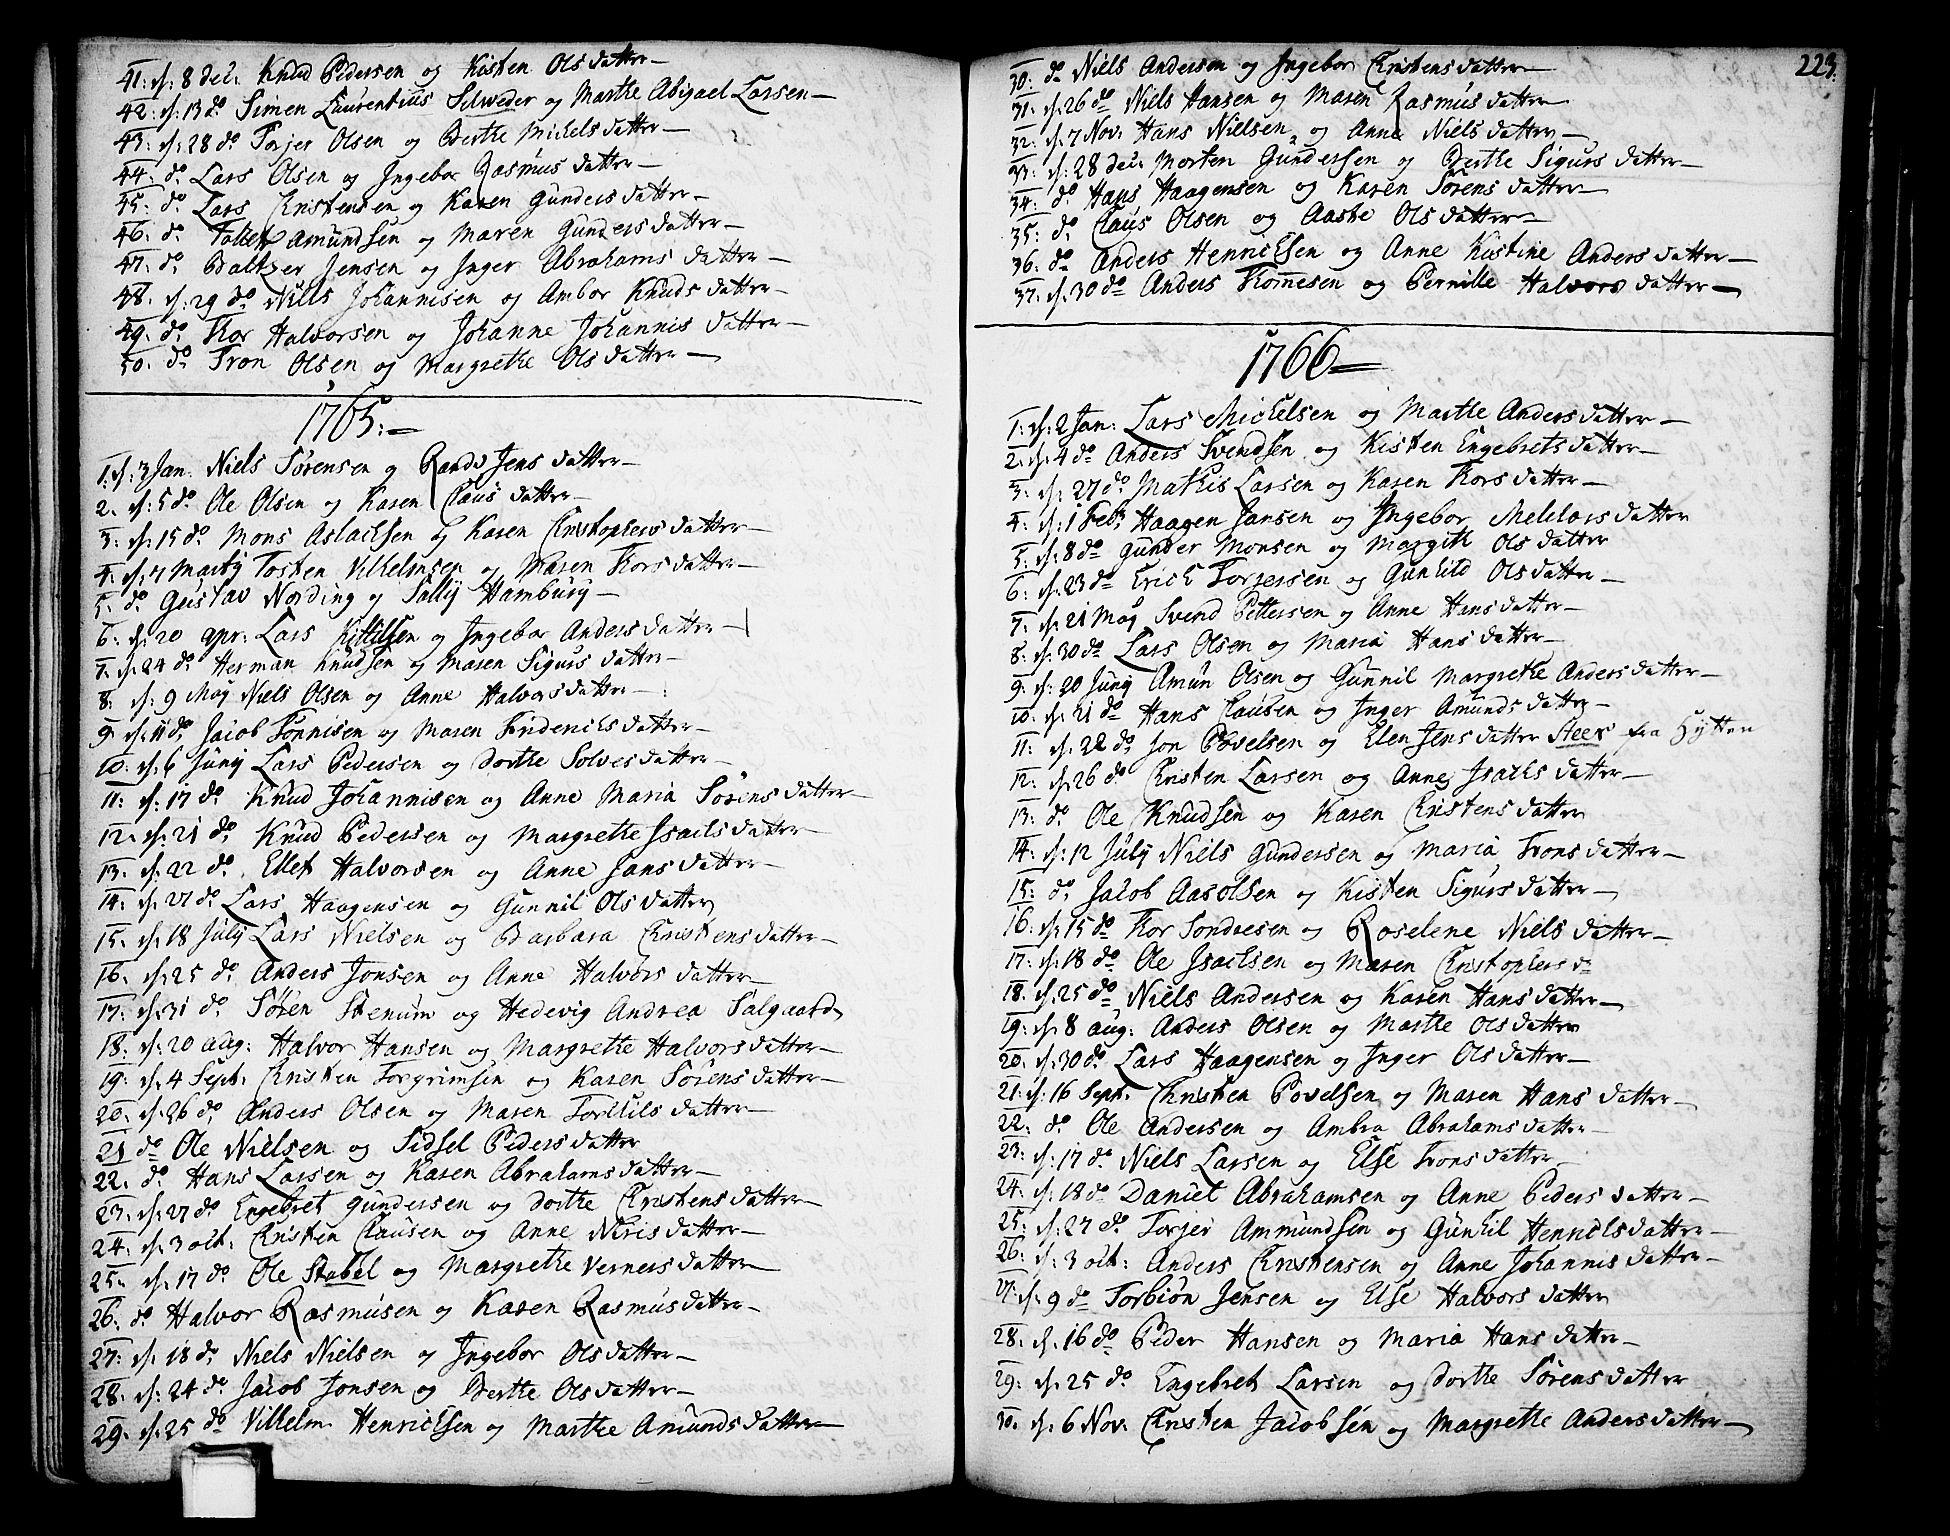 SAKO, Gjerpen kirkebøker, F/Fa/L0002: Ministerialbok nr. 2, 1747-1795, s. 223